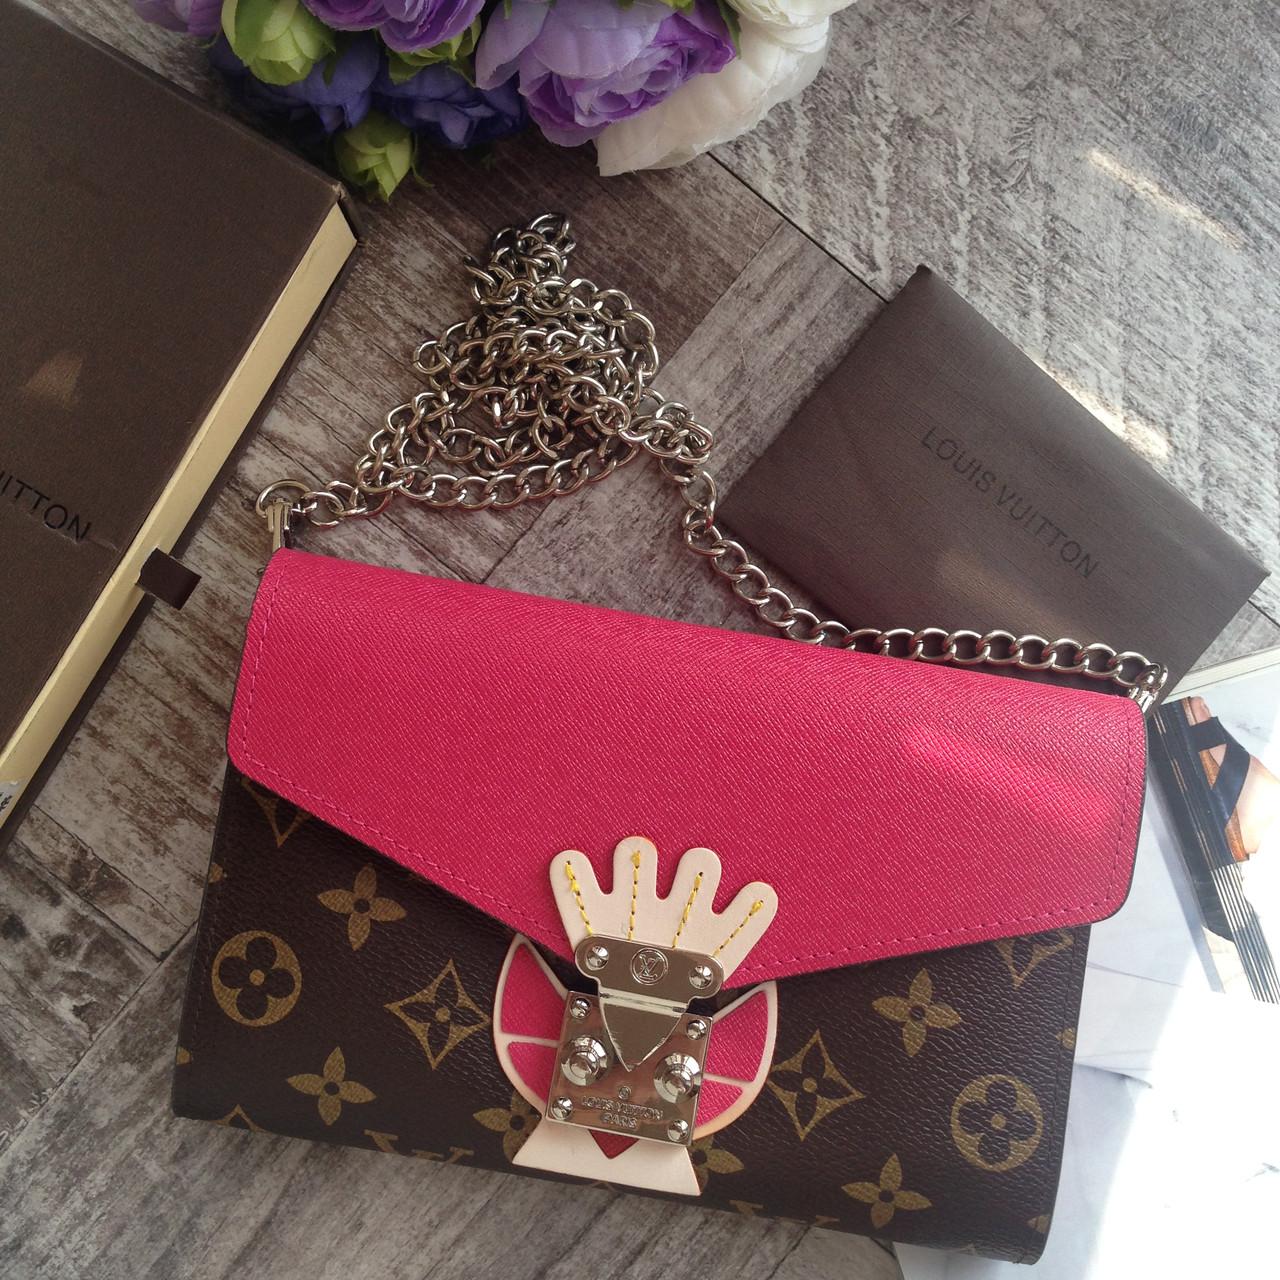 Женский кожаный клатч Louis Vuitton женский кожаный кошелек Louis Vuitton -  butic case в Киеве 541dcb35872